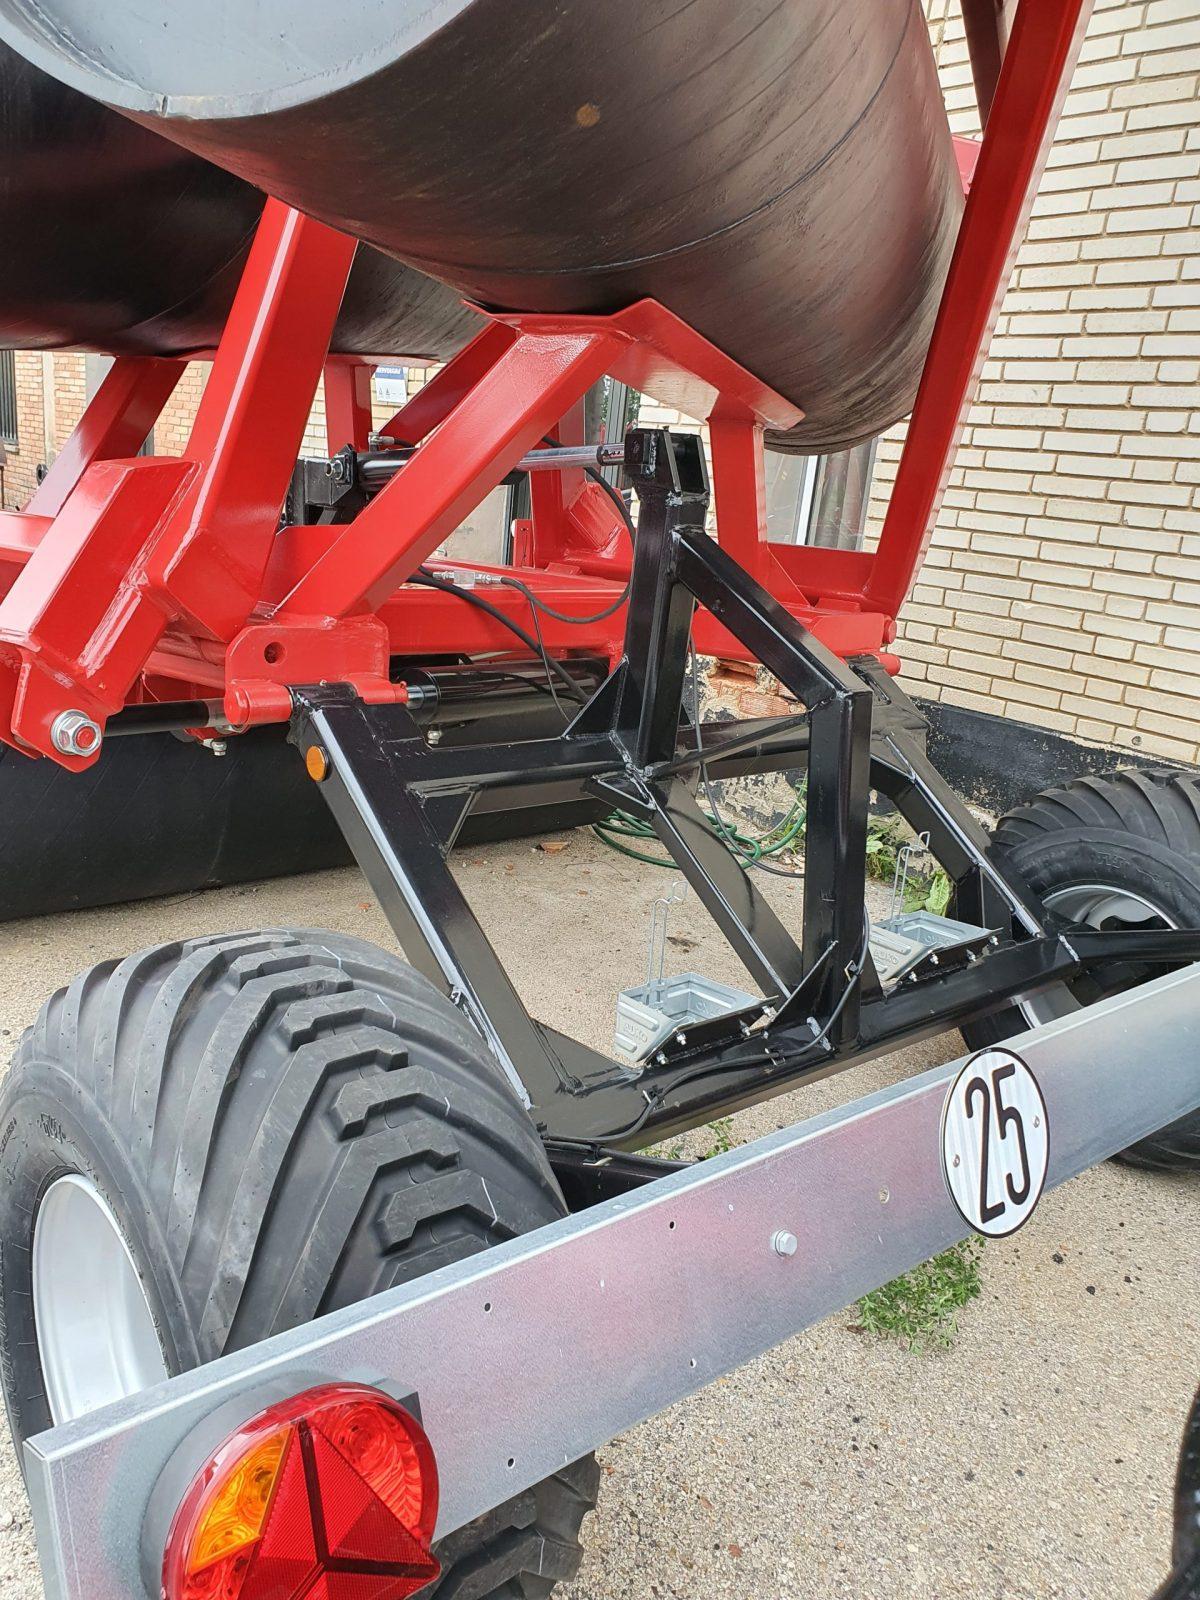 nuestros rodillos tiene sistema de ruedas hidráulico independiente